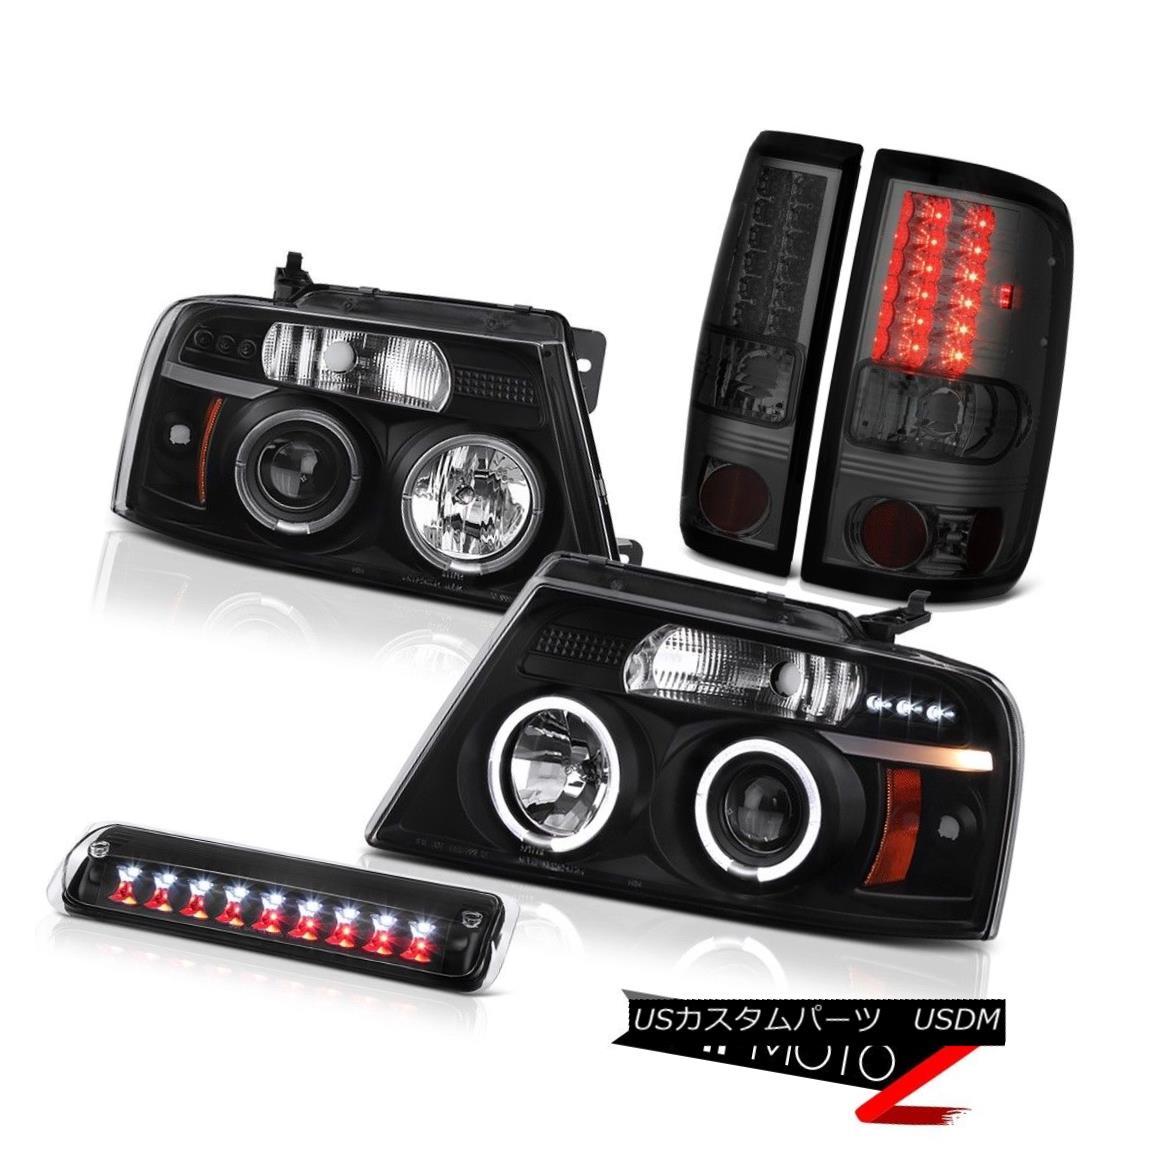 テールライト 04 05 06 07 08 Ford F150 STX 3RD Brake Lamp Headlamps Tail Lights Halo Ring SMD 04 05 06 07 08フォードF150 STX 3RDブレーキランプヘッドランプテールライトハローリングSMD